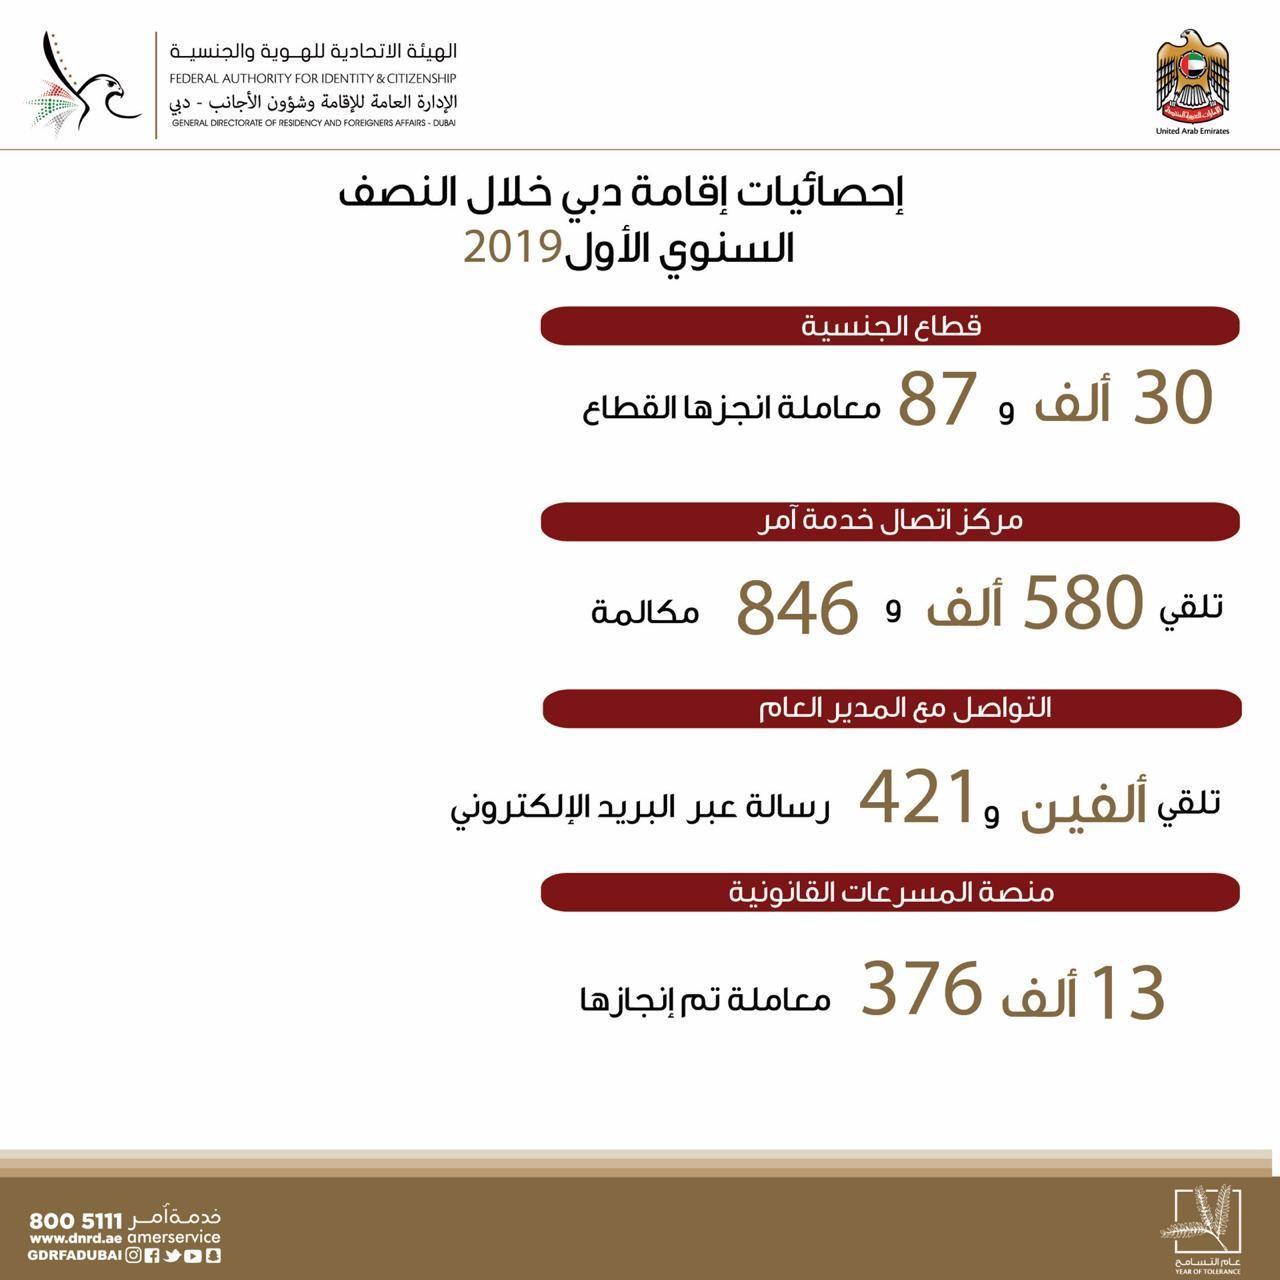 وكالة أنباء الإمارات إقامة دبي أكثر من 27 مليون مسافر عبر